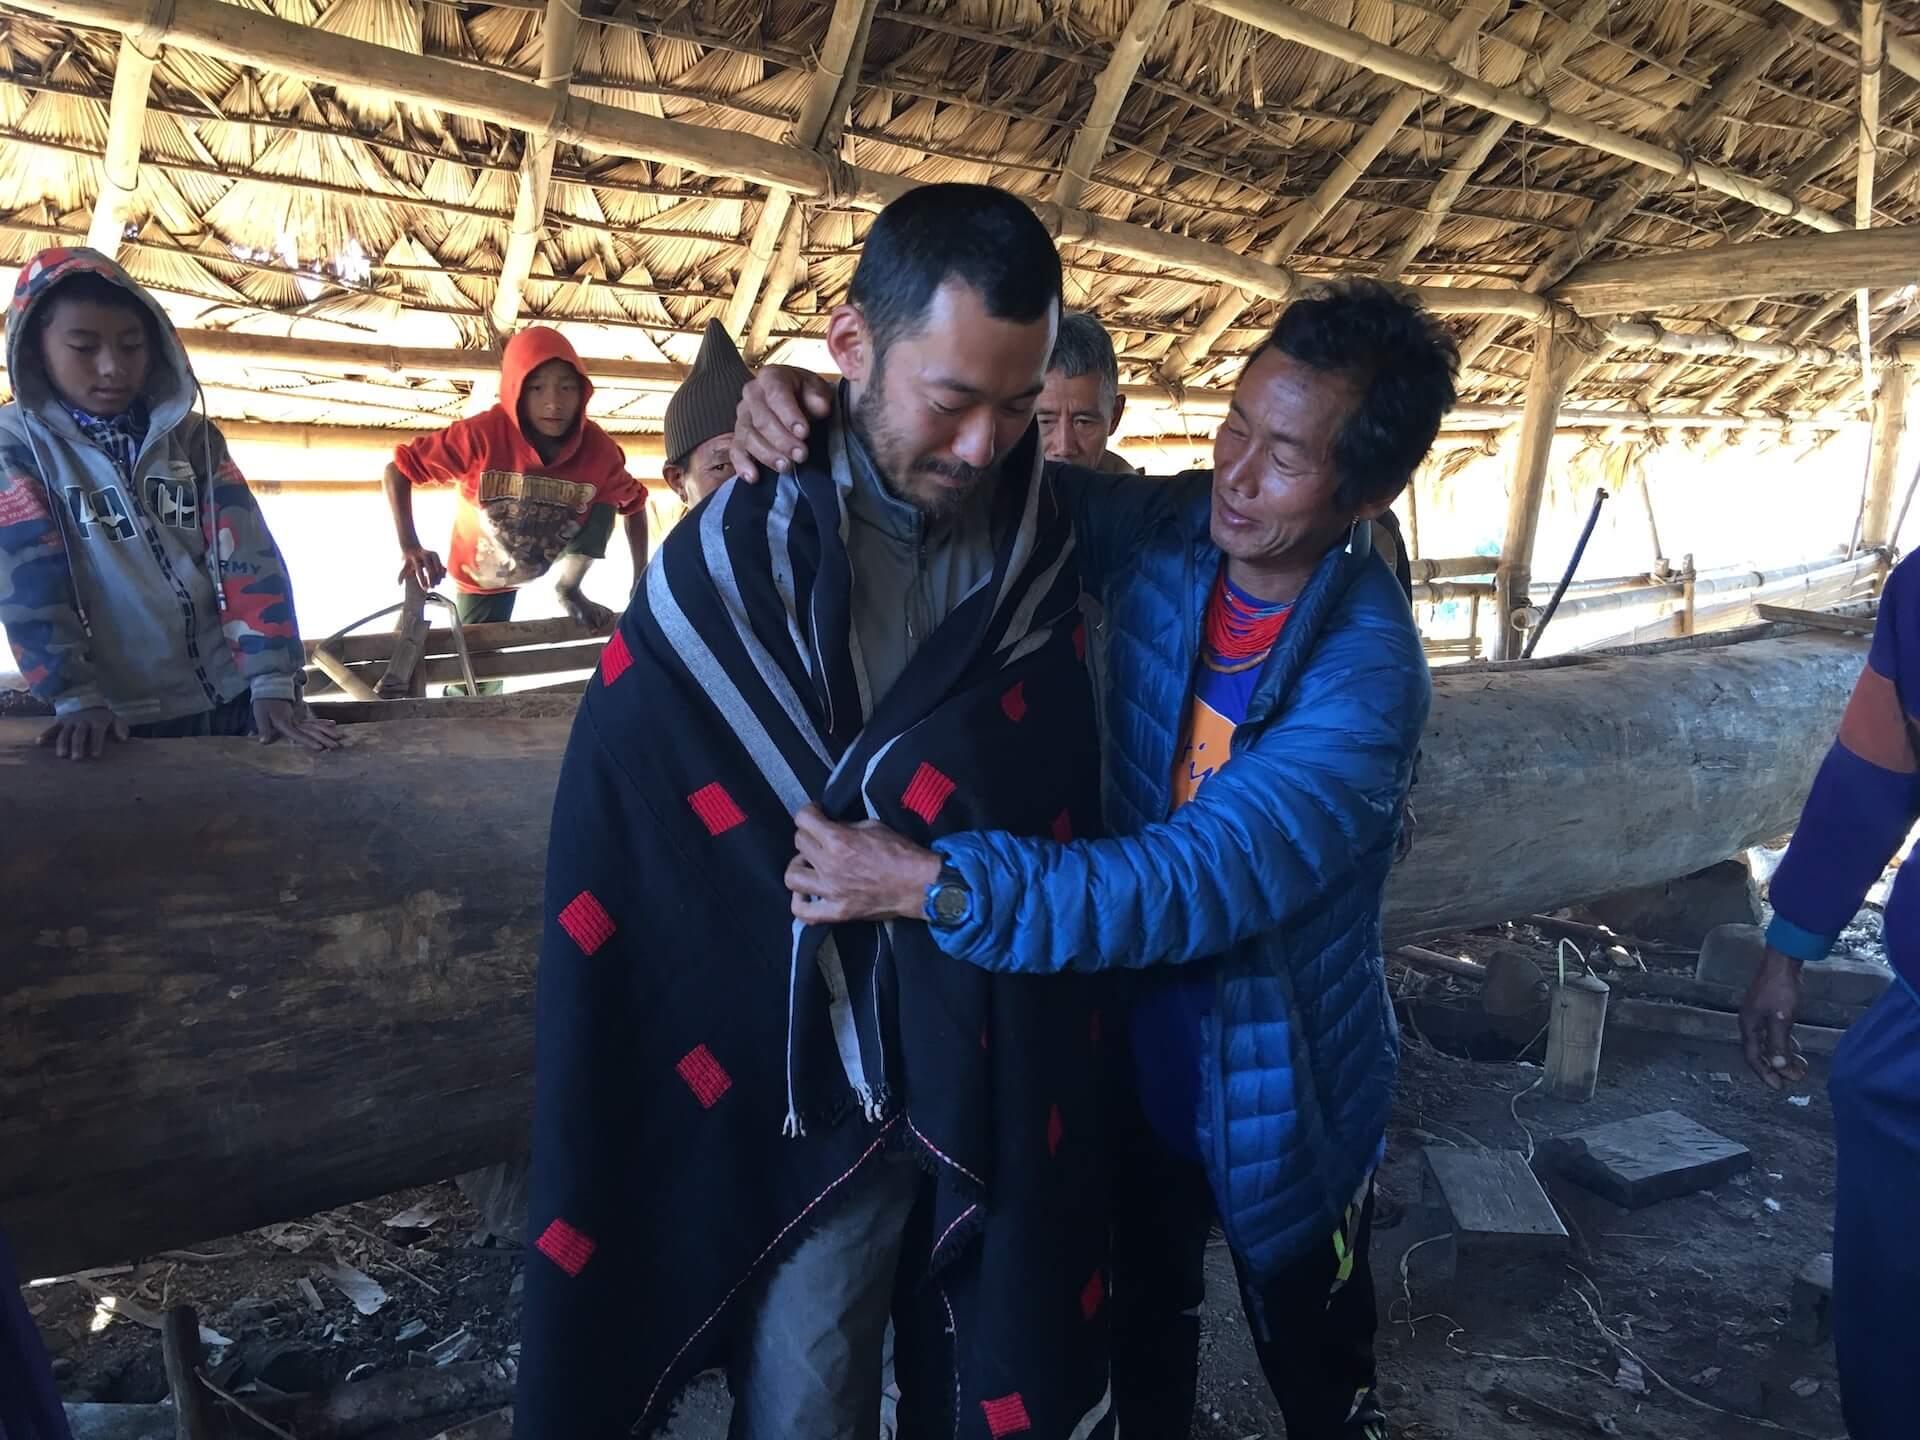 ミャンマーの文化とともに —— コムアイ、オオルタイチ、井口寛が語る音を通じた繋がり interview210917_staywithmyanmar_15